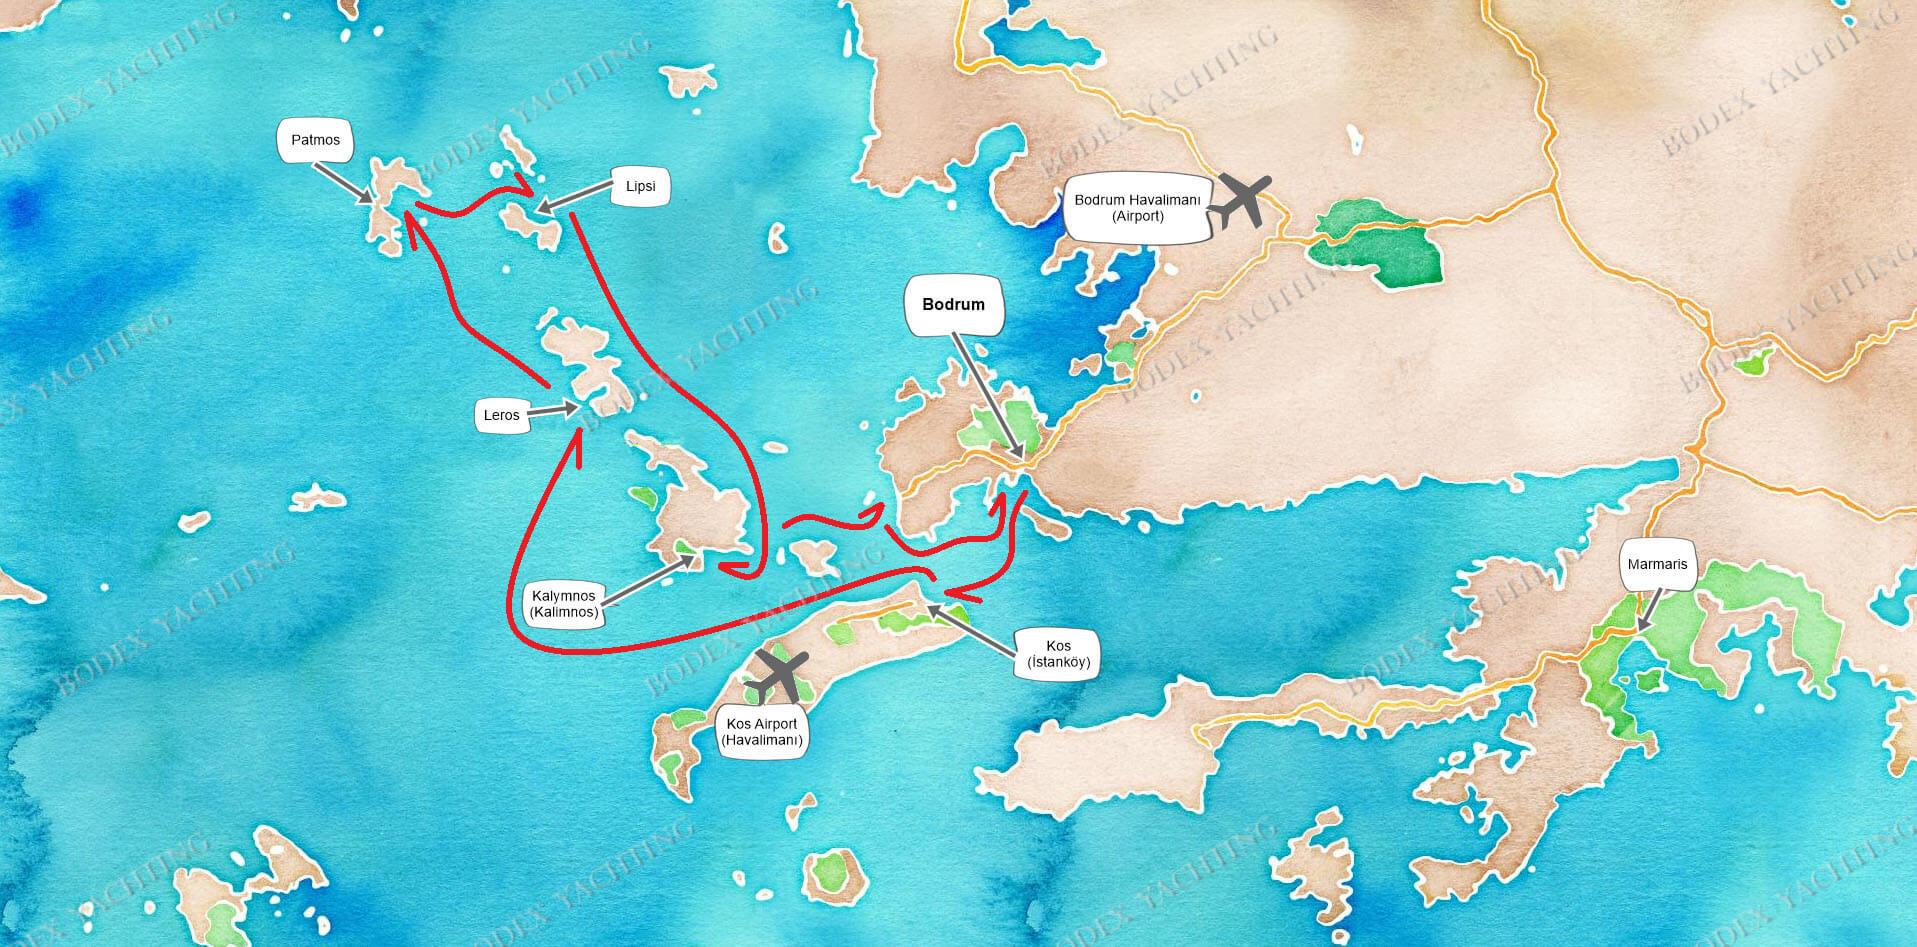 Route Bodrum - Patmos - Bodrum